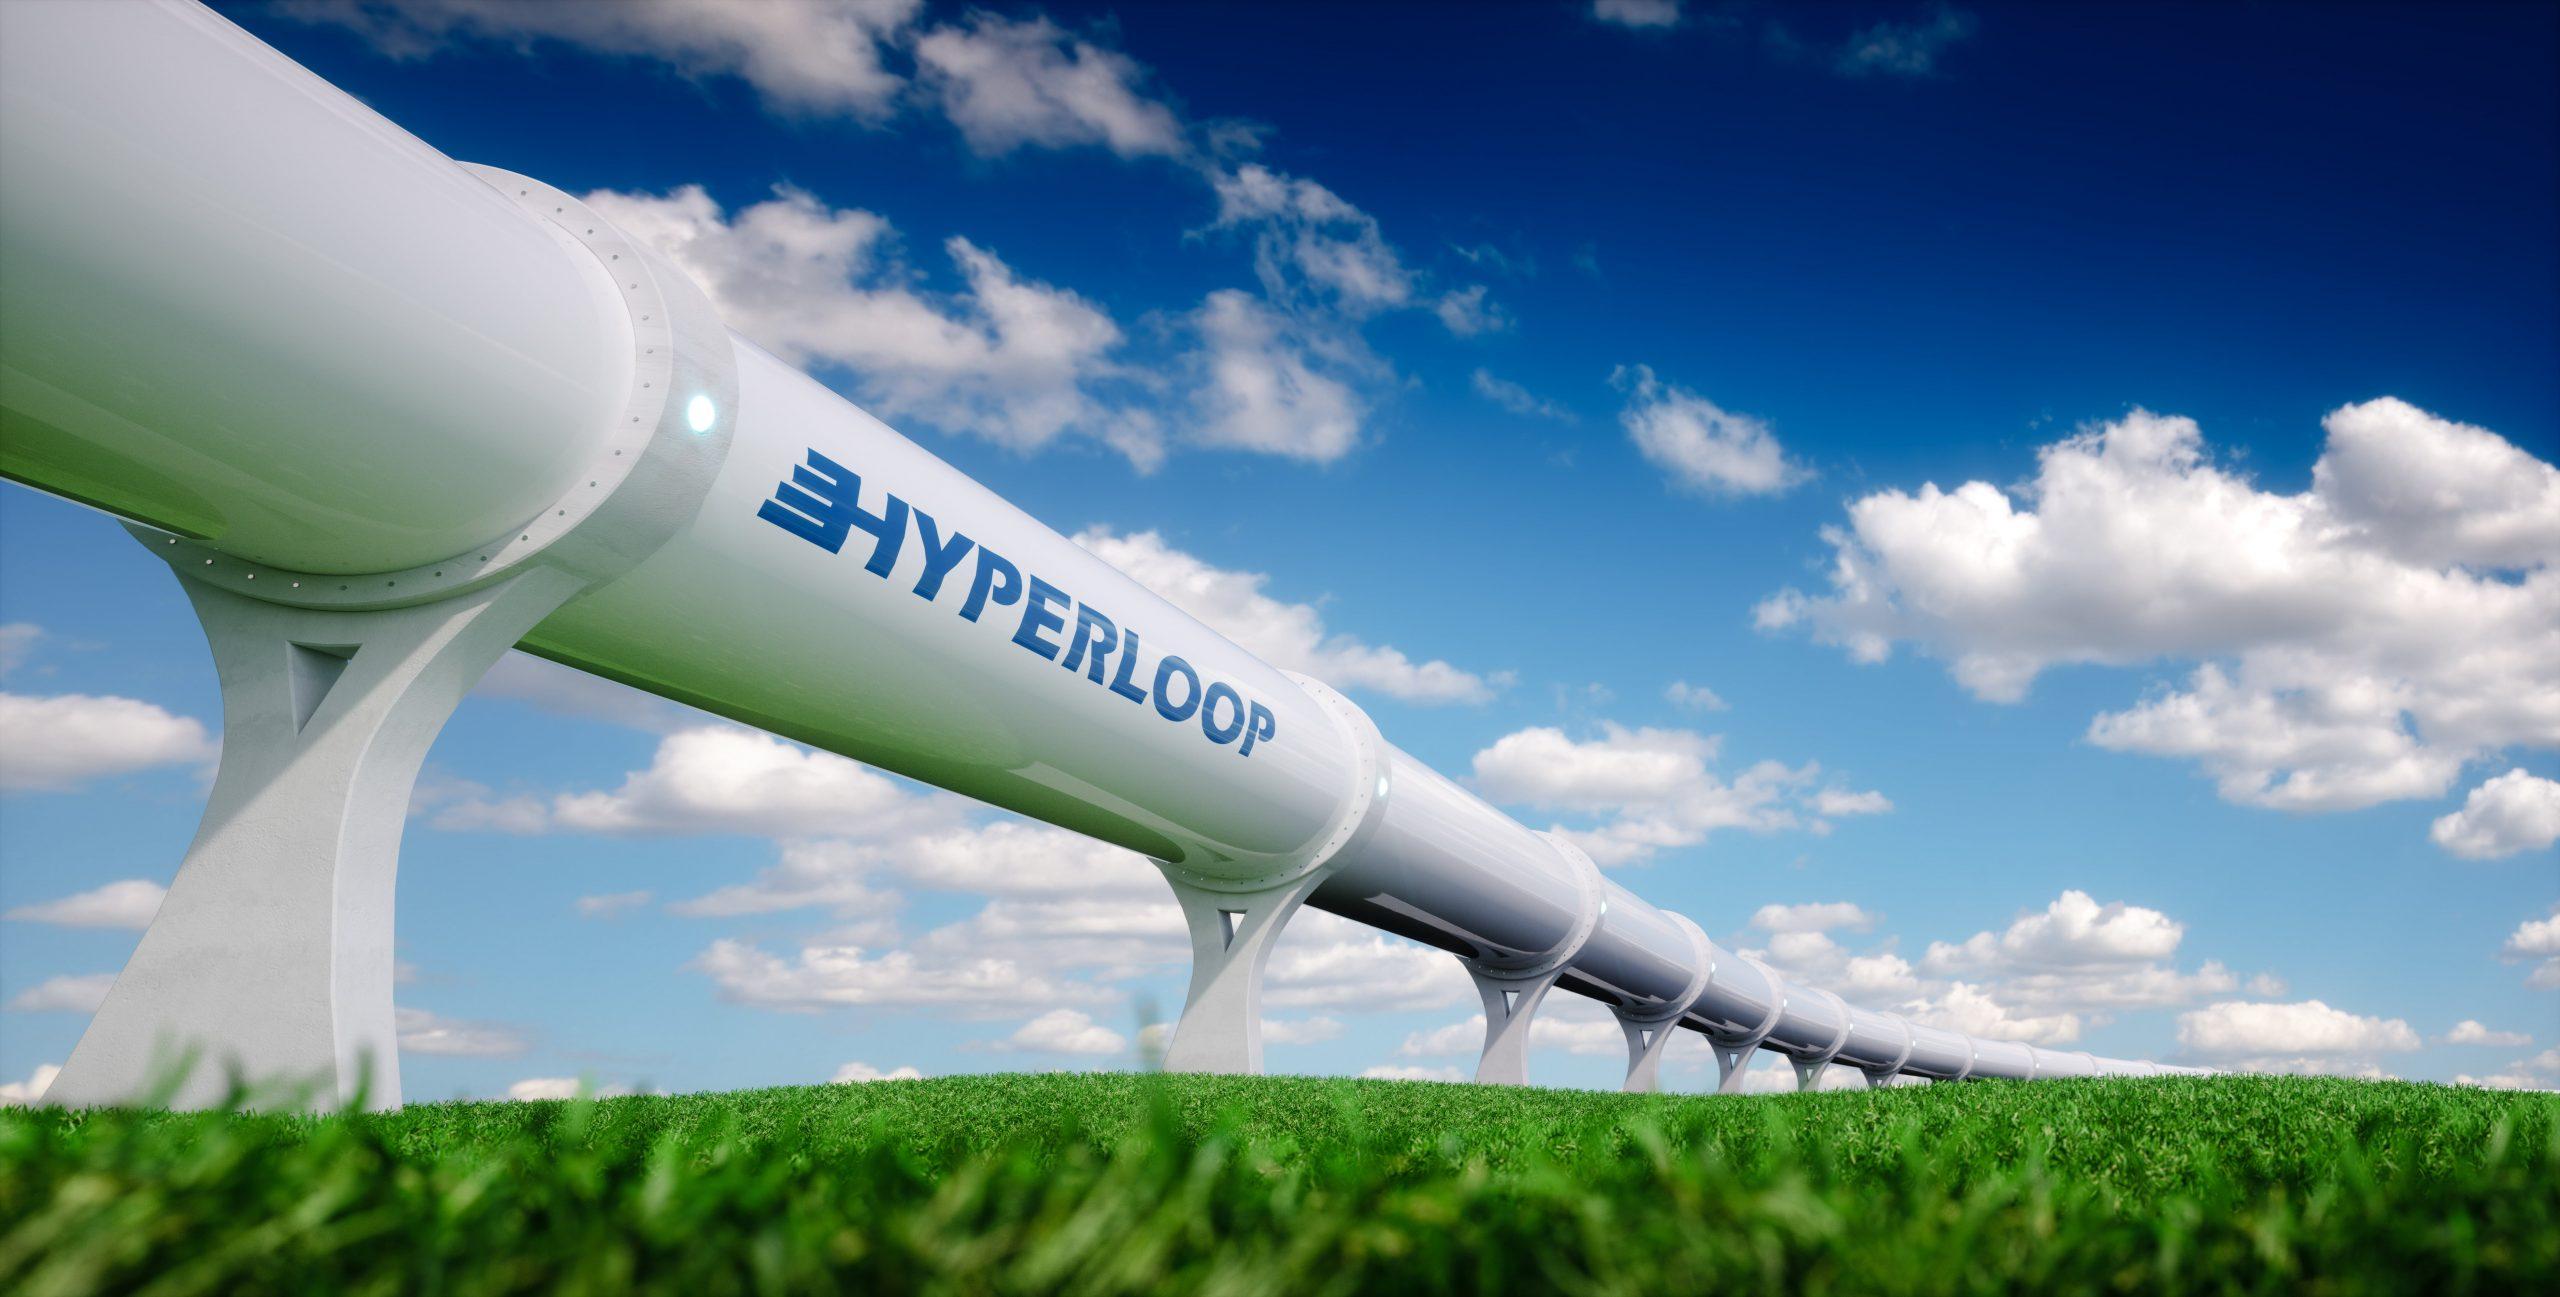 L'Hyperloop, nouvelle proximité des territoires